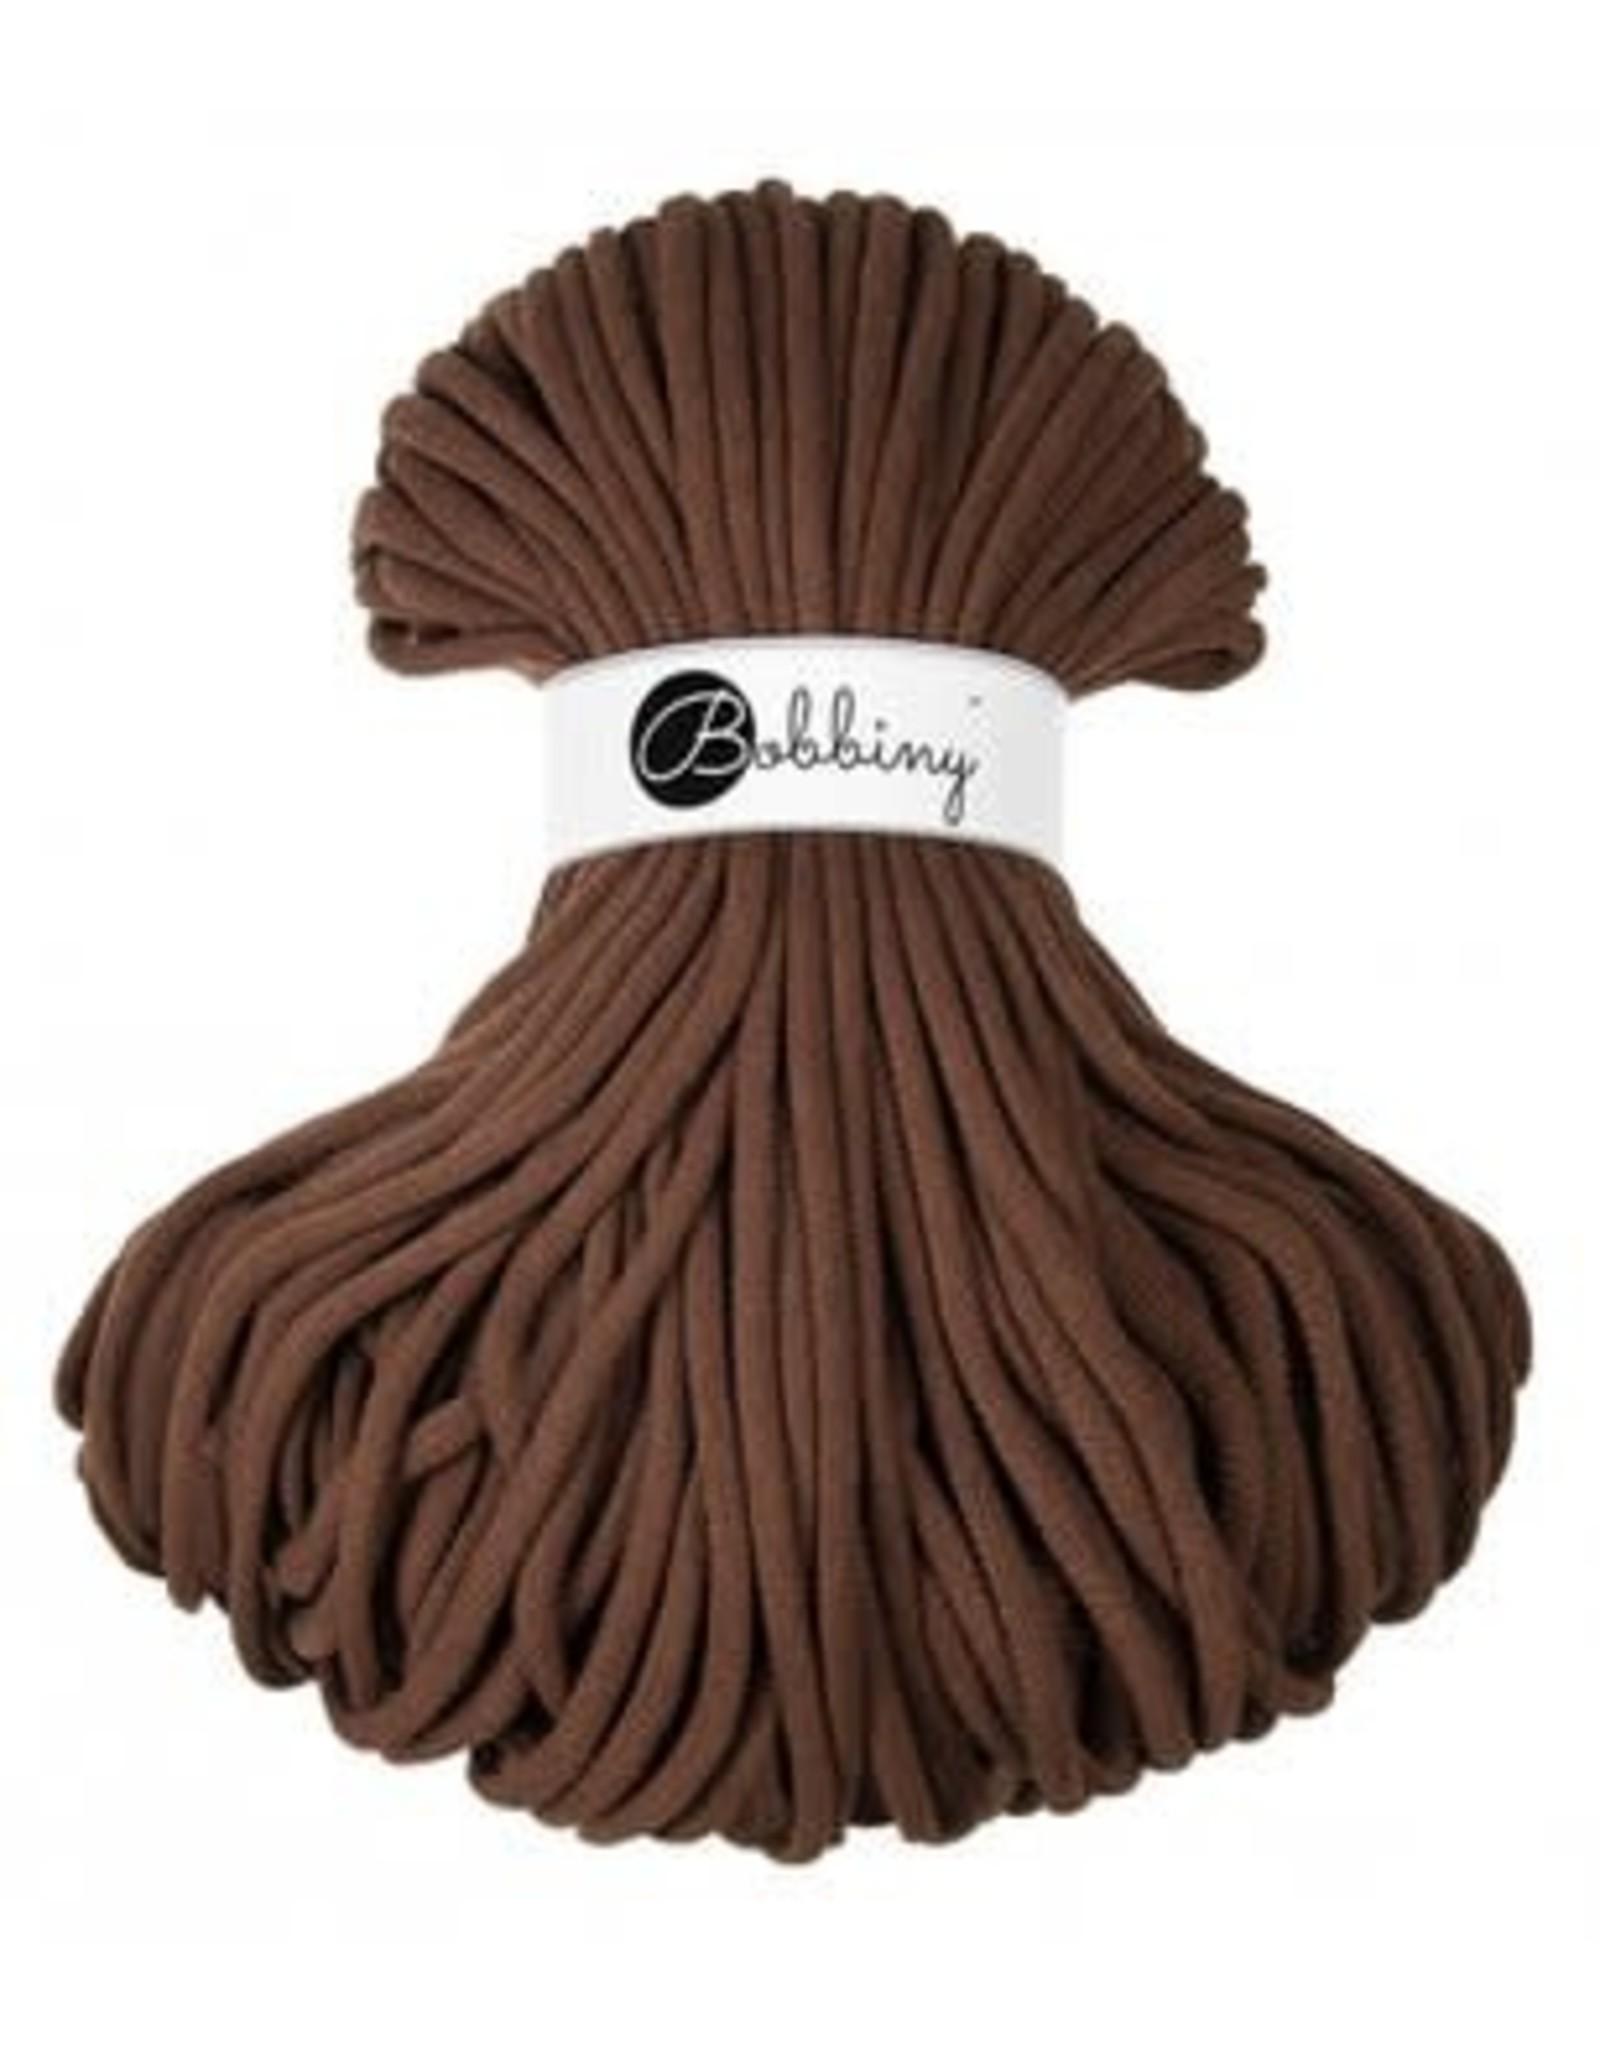 Bobbiny Bobbiny - Jumbo 9MM  Mocha